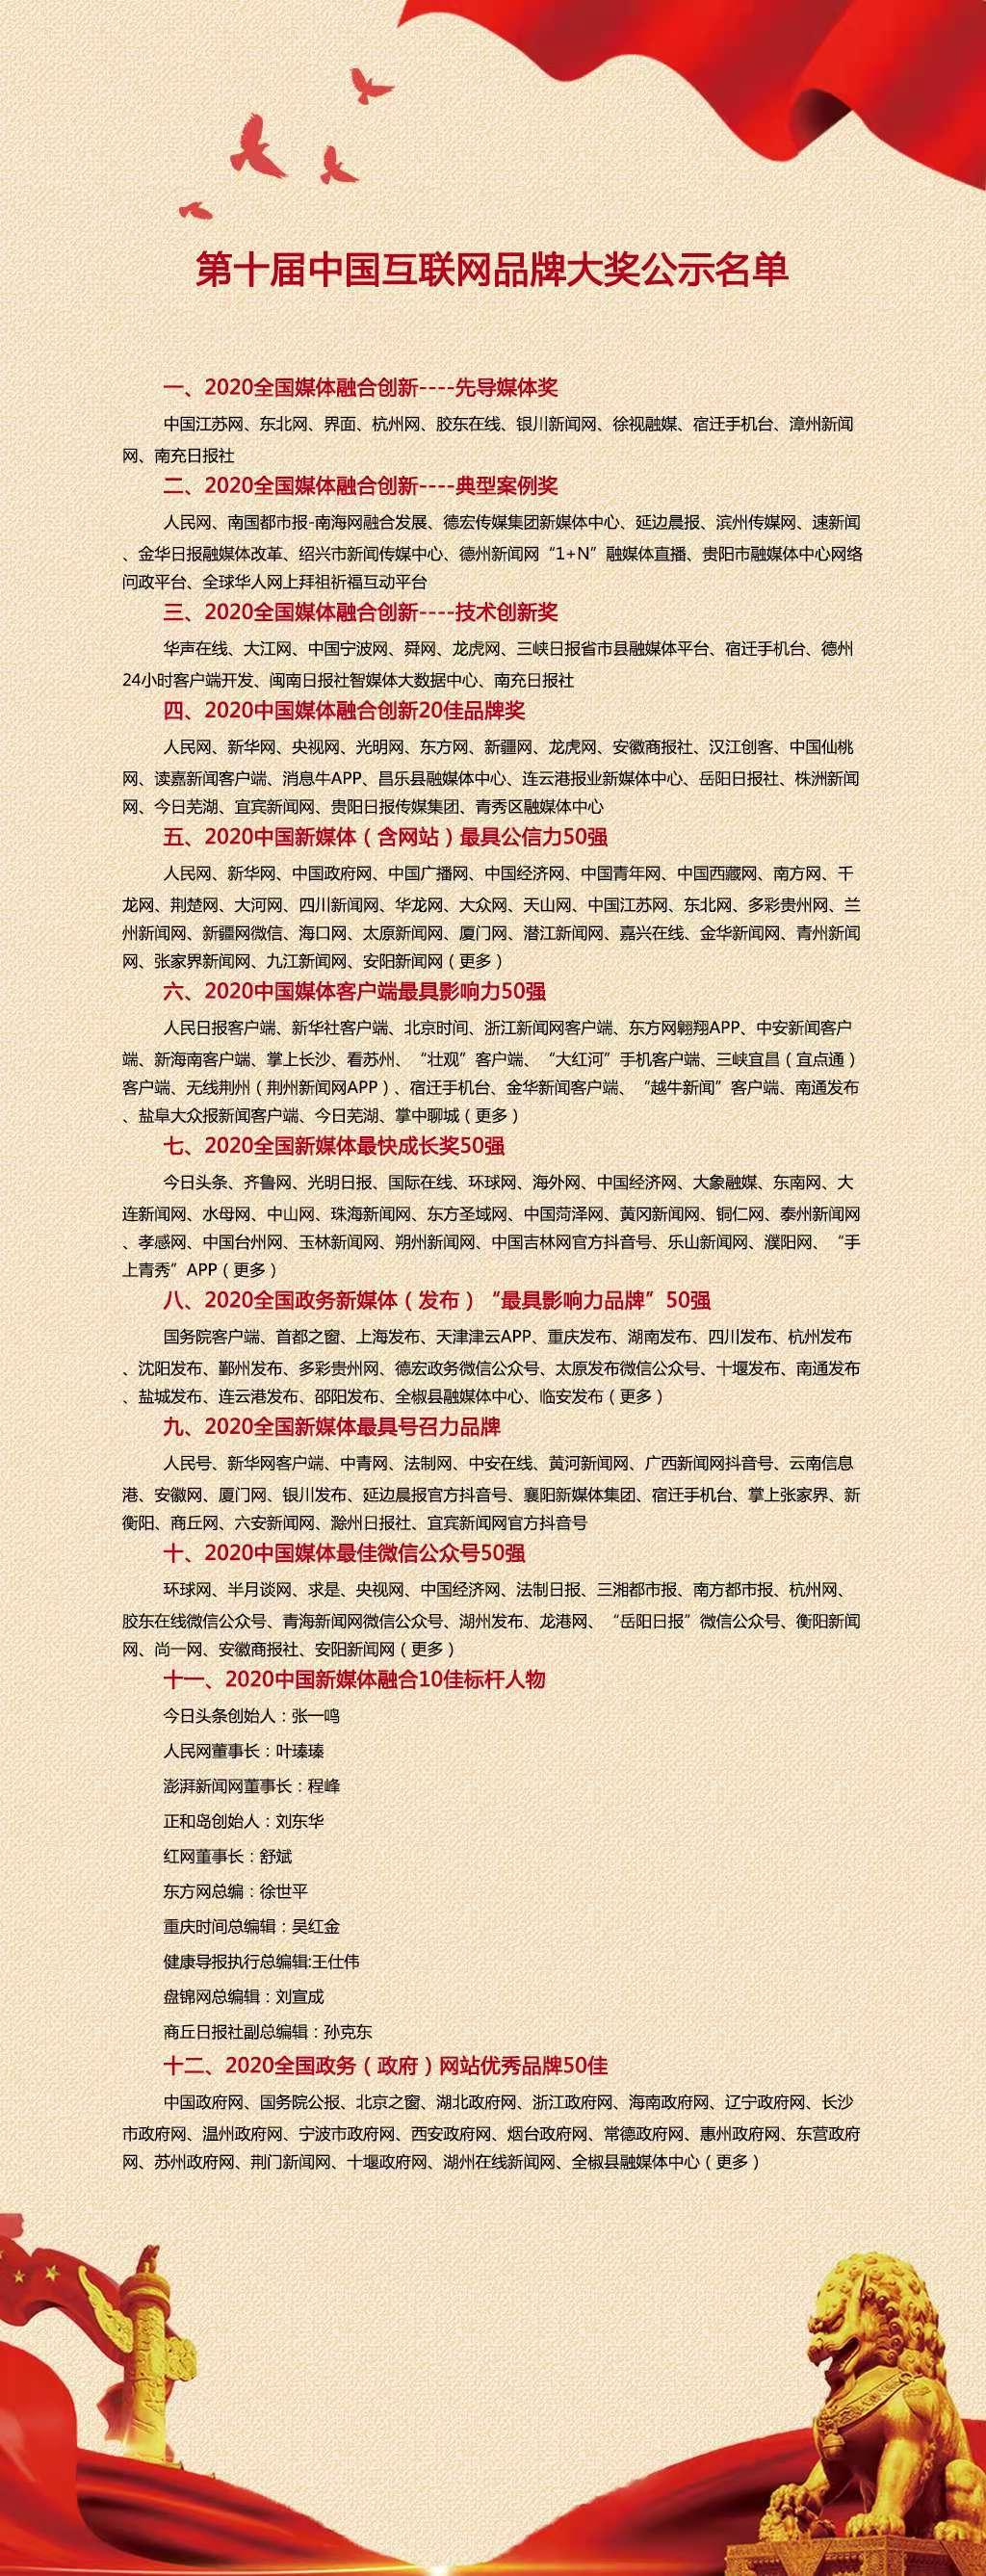 第十届中国互联网品牌大奖揭晓?